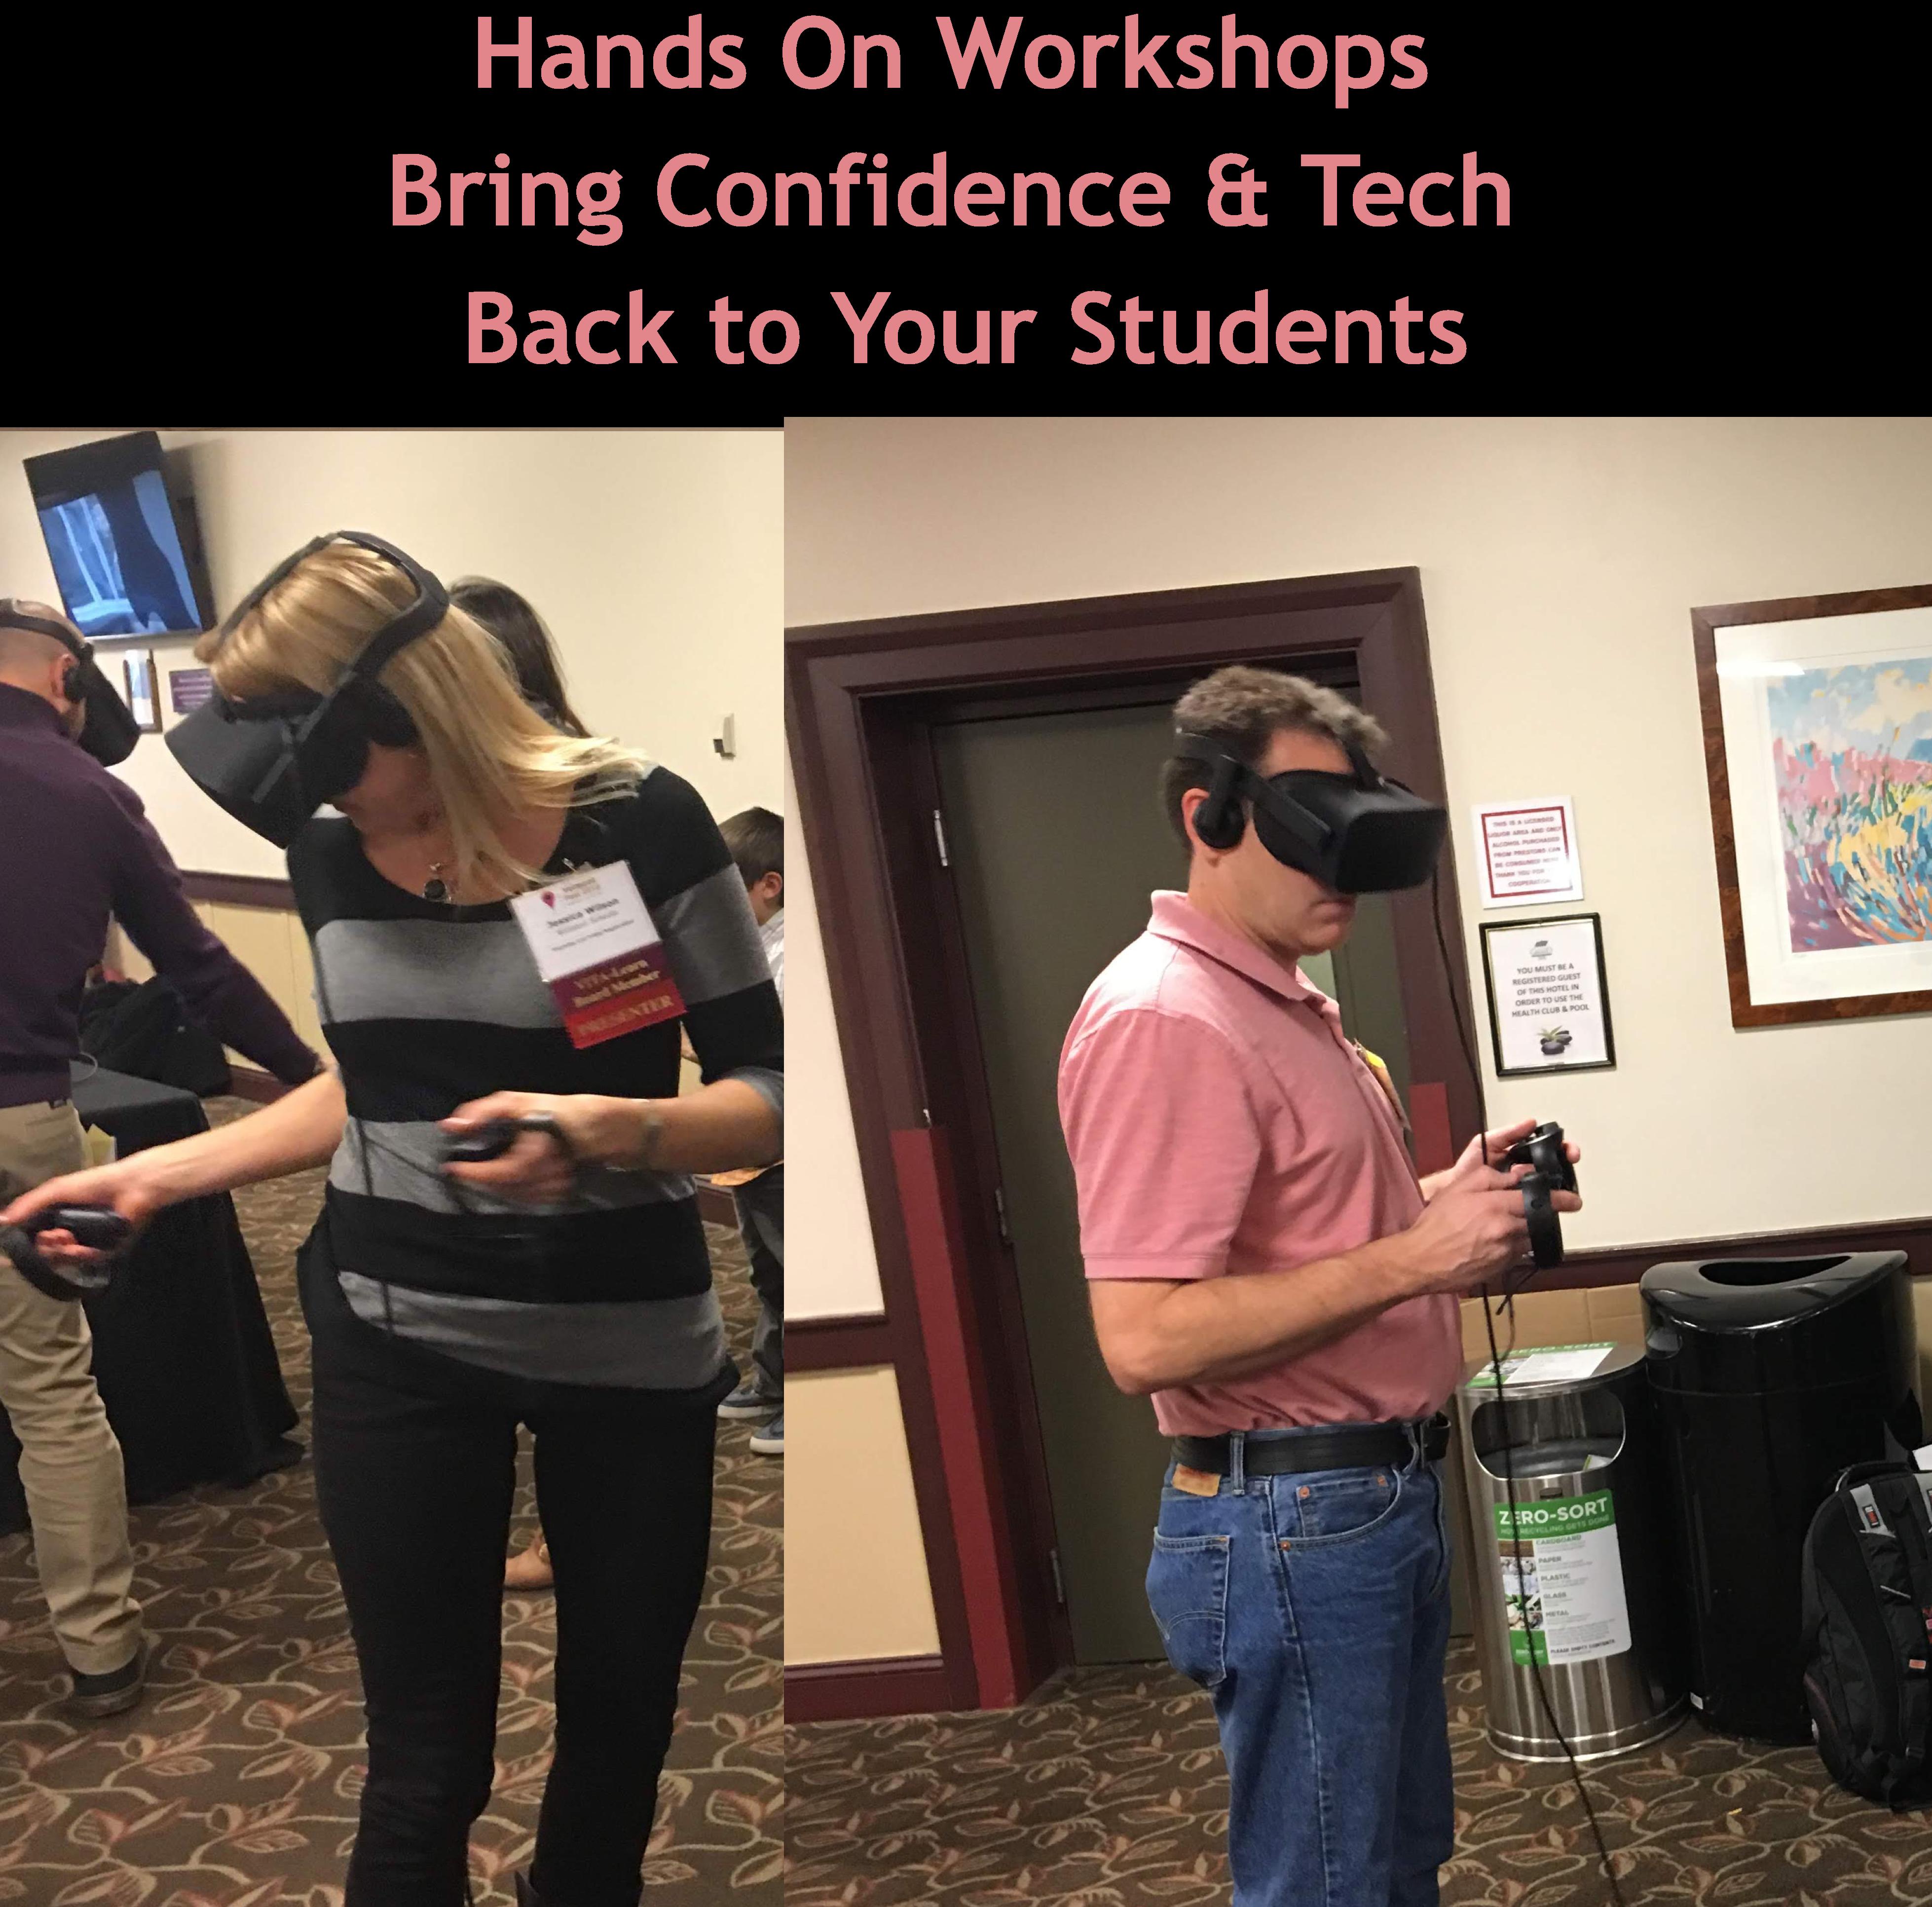 VR workshpo